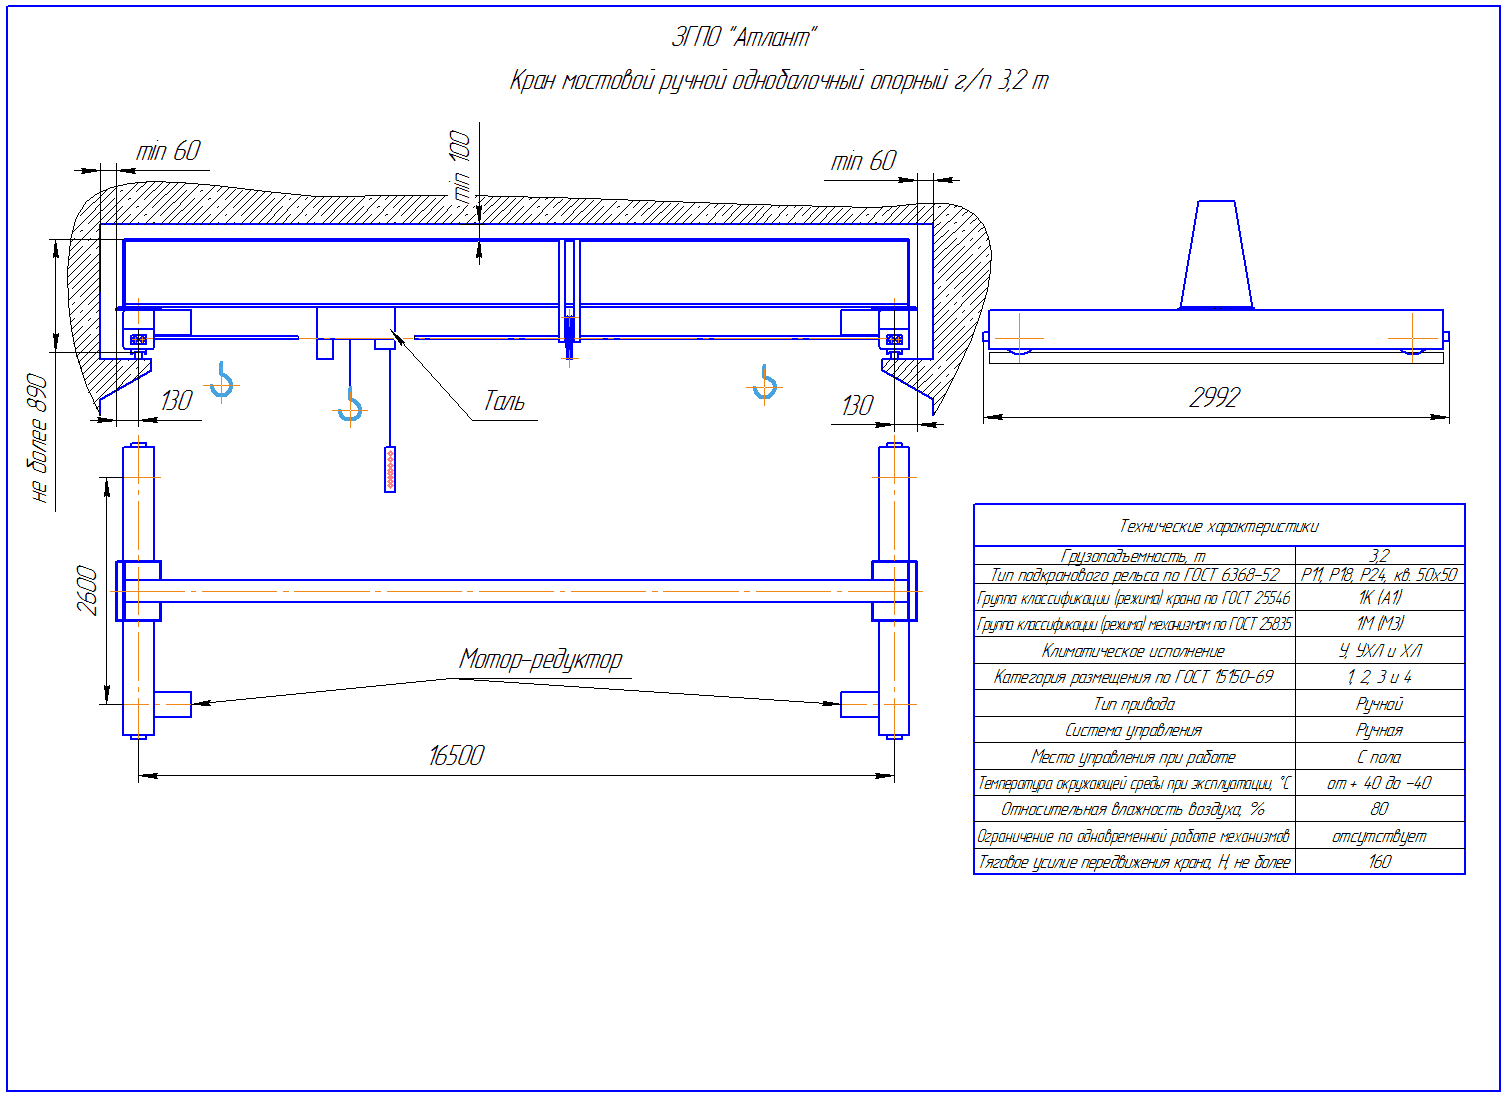 KRMOO 3 165 - Кран ручной мостовой опорный однобалочный